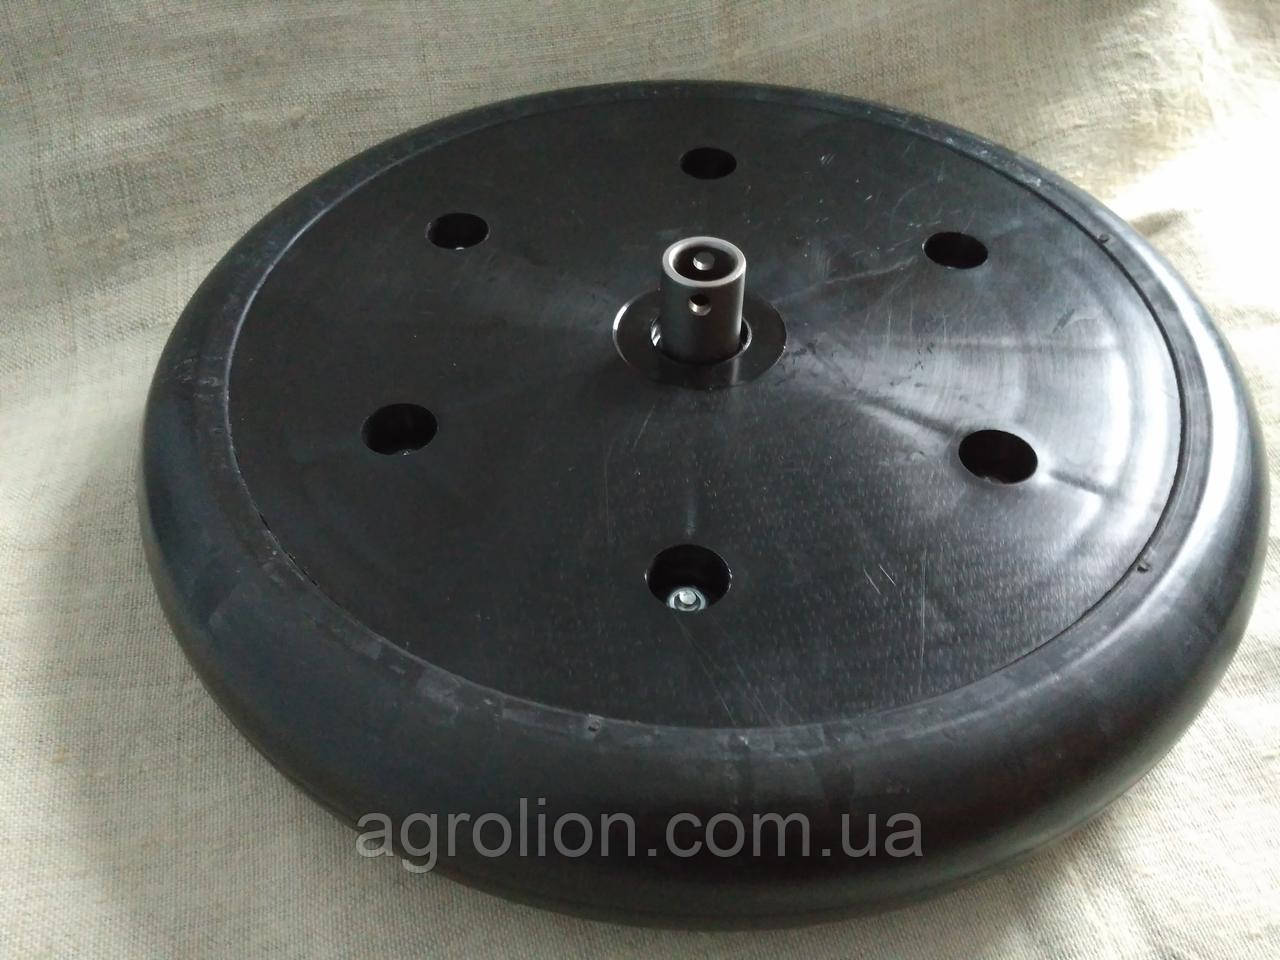 """Прикотуюче колесо в зборі ( диск поліамід) 2"""" x 13"""" F06120405 Gaspardo."""